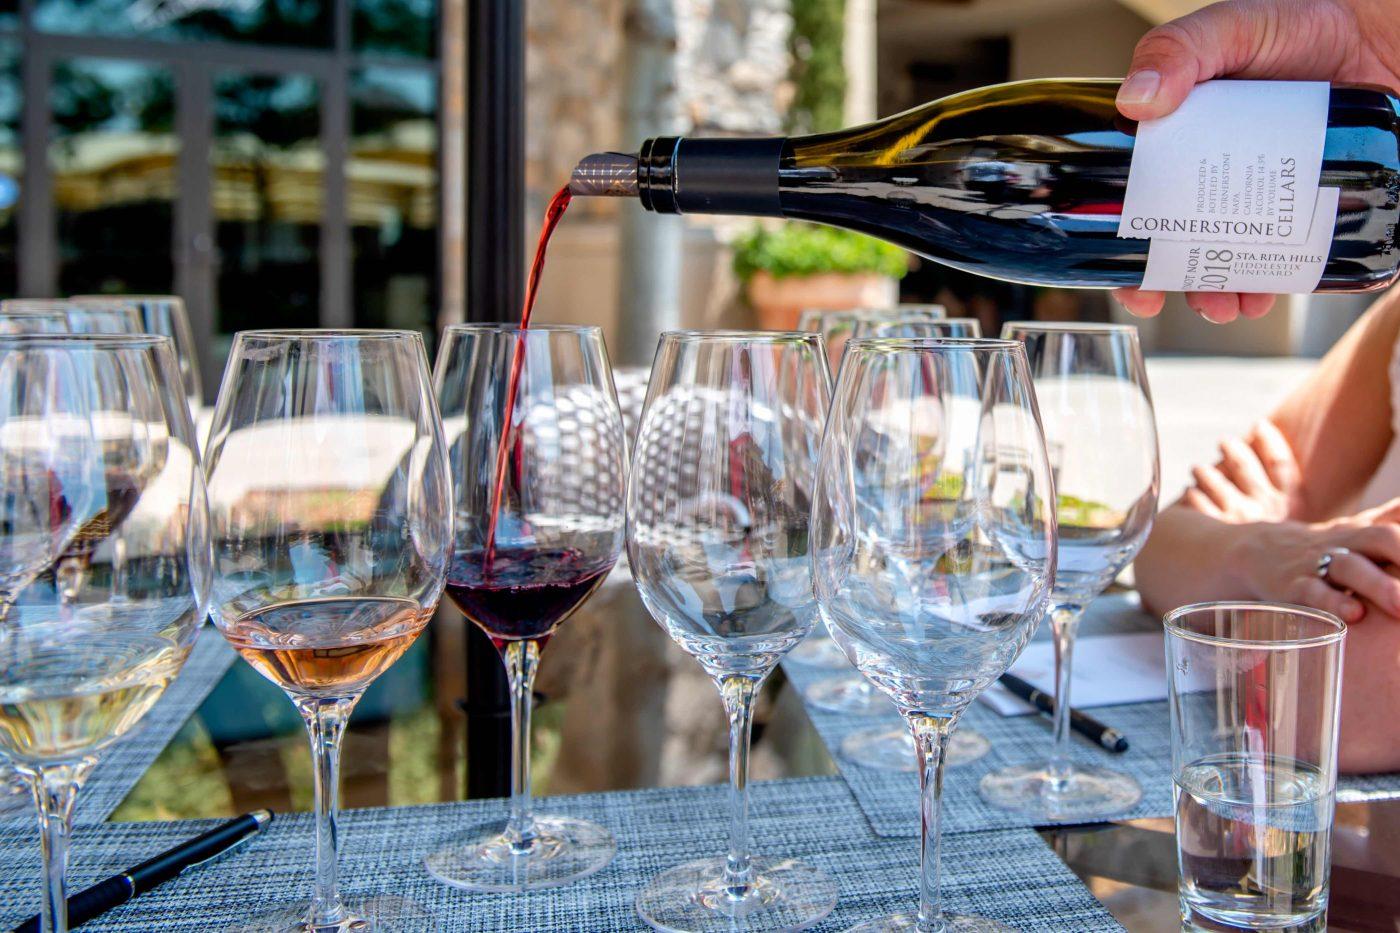 Cornerstone Wine Tasting